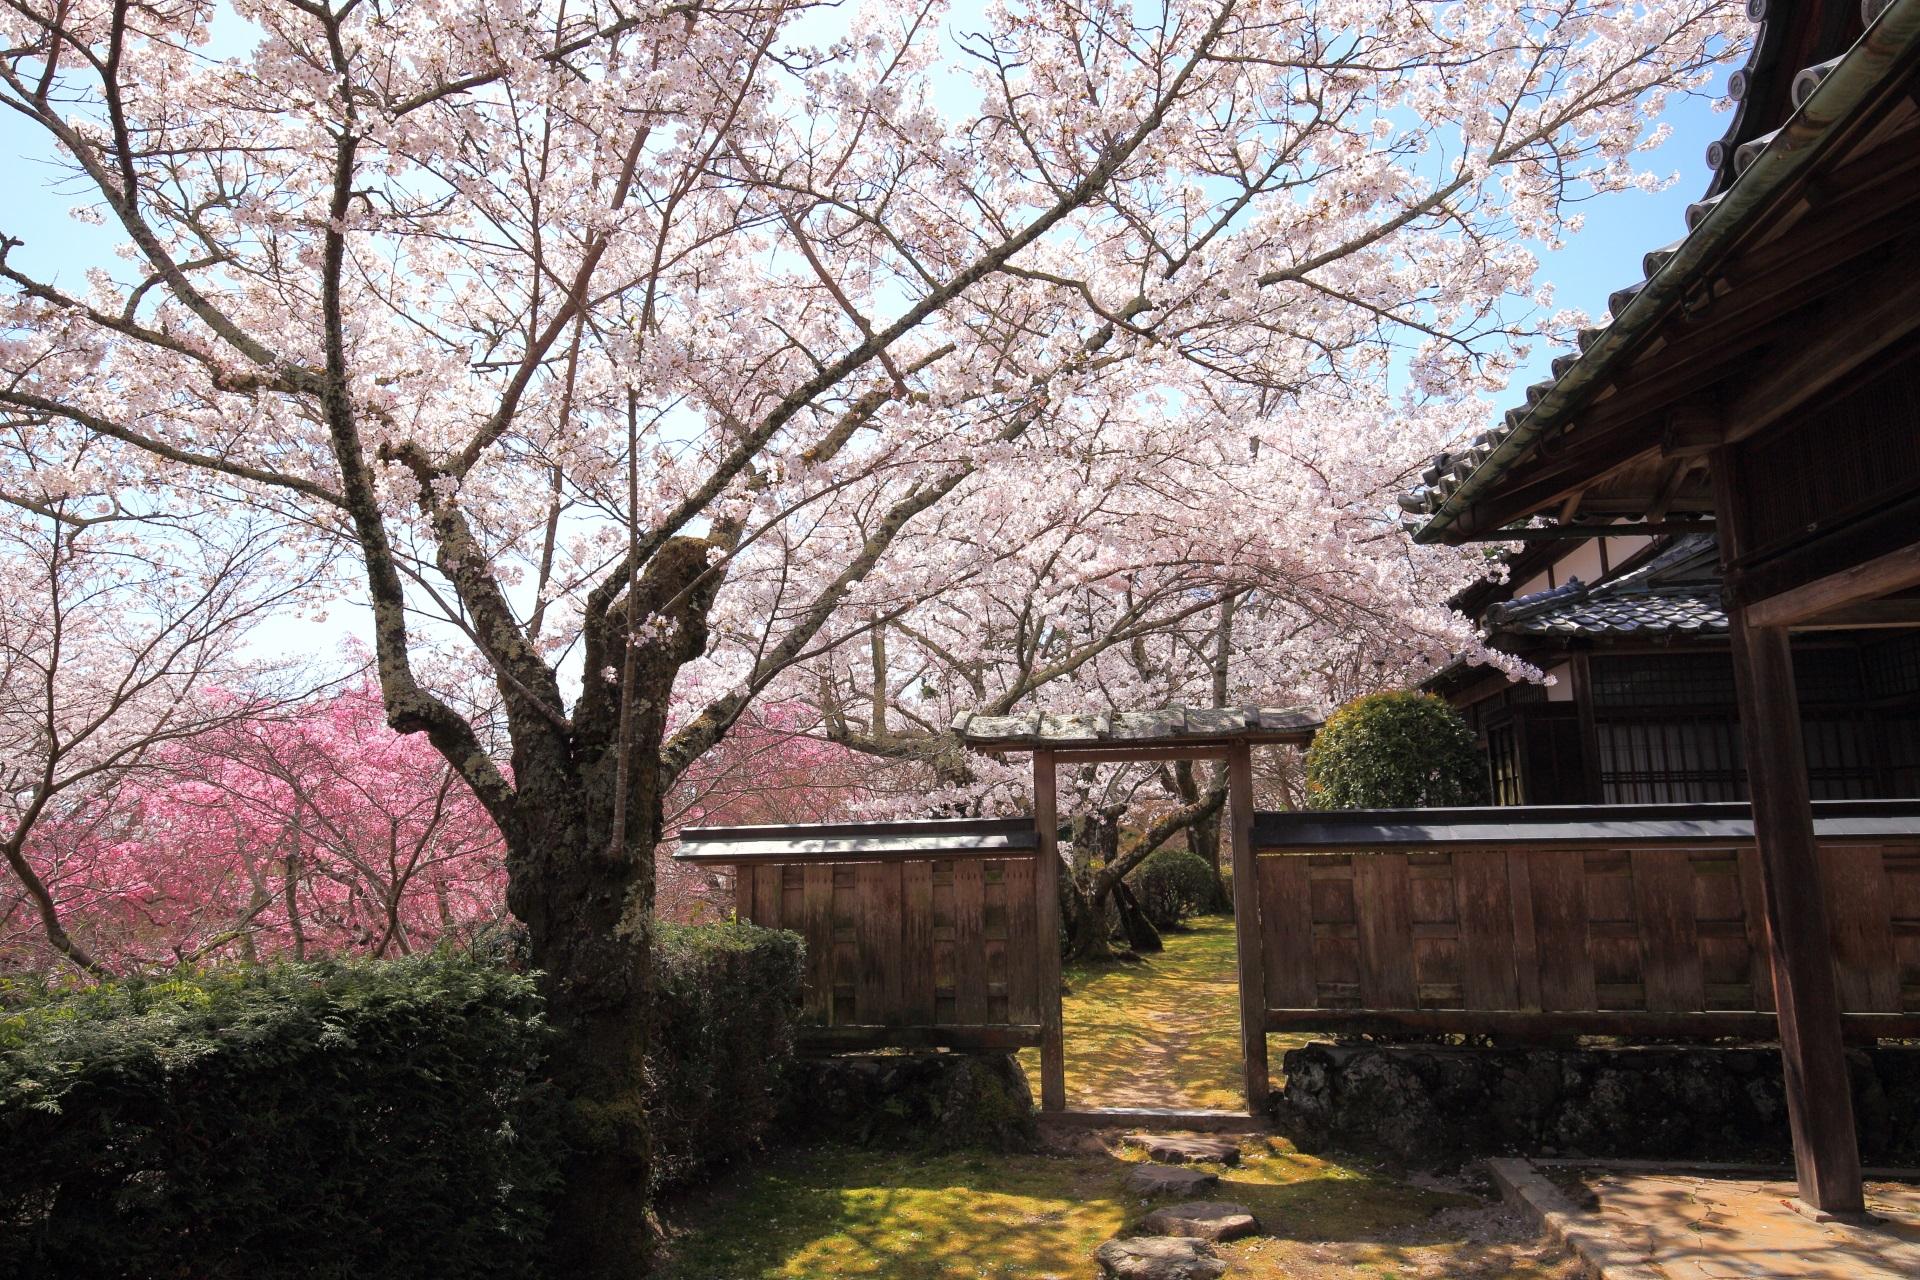 勝持寺の桜ヶ丘の上の桜